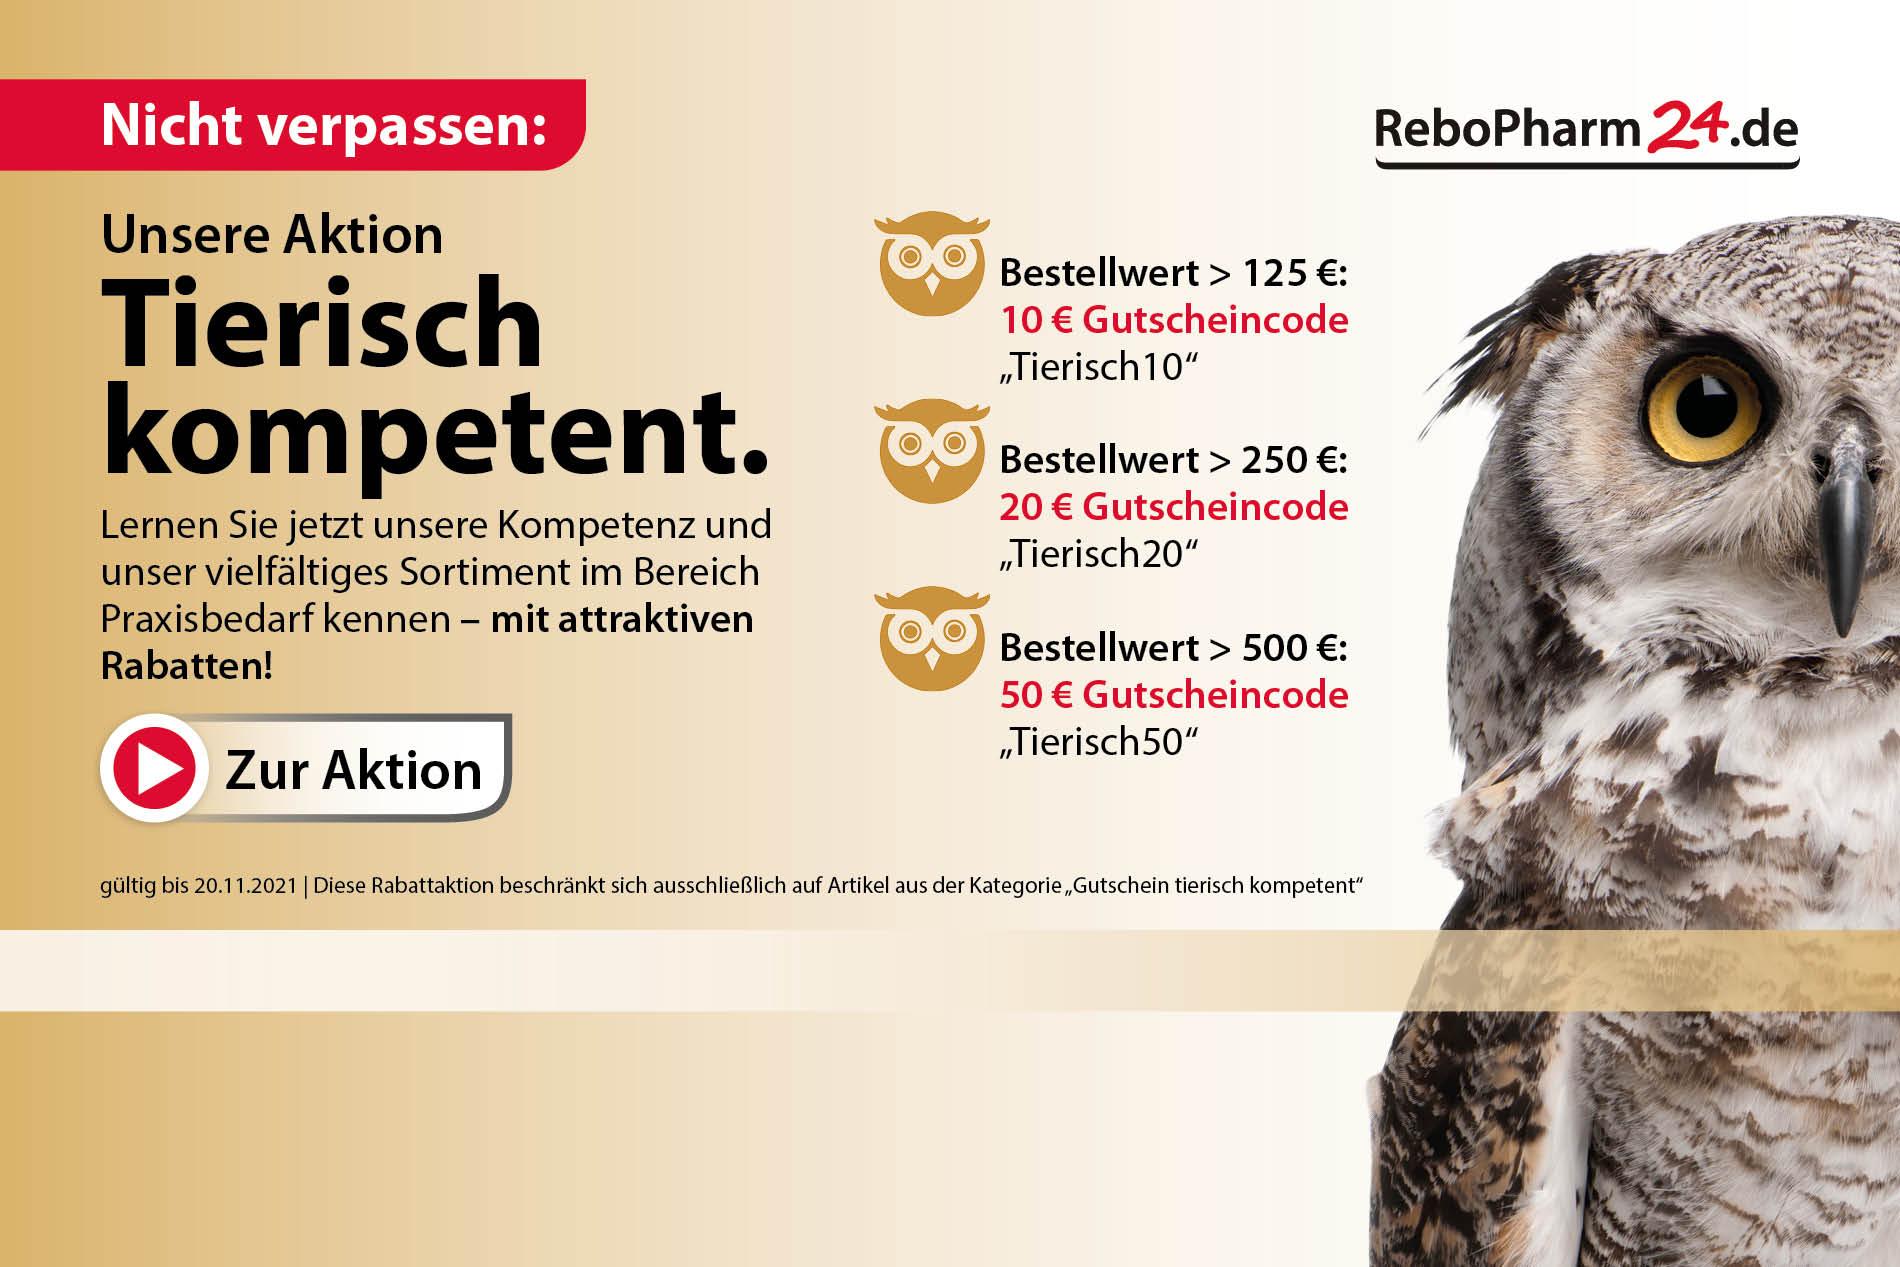 ReboPharm – Tierisch kompetent